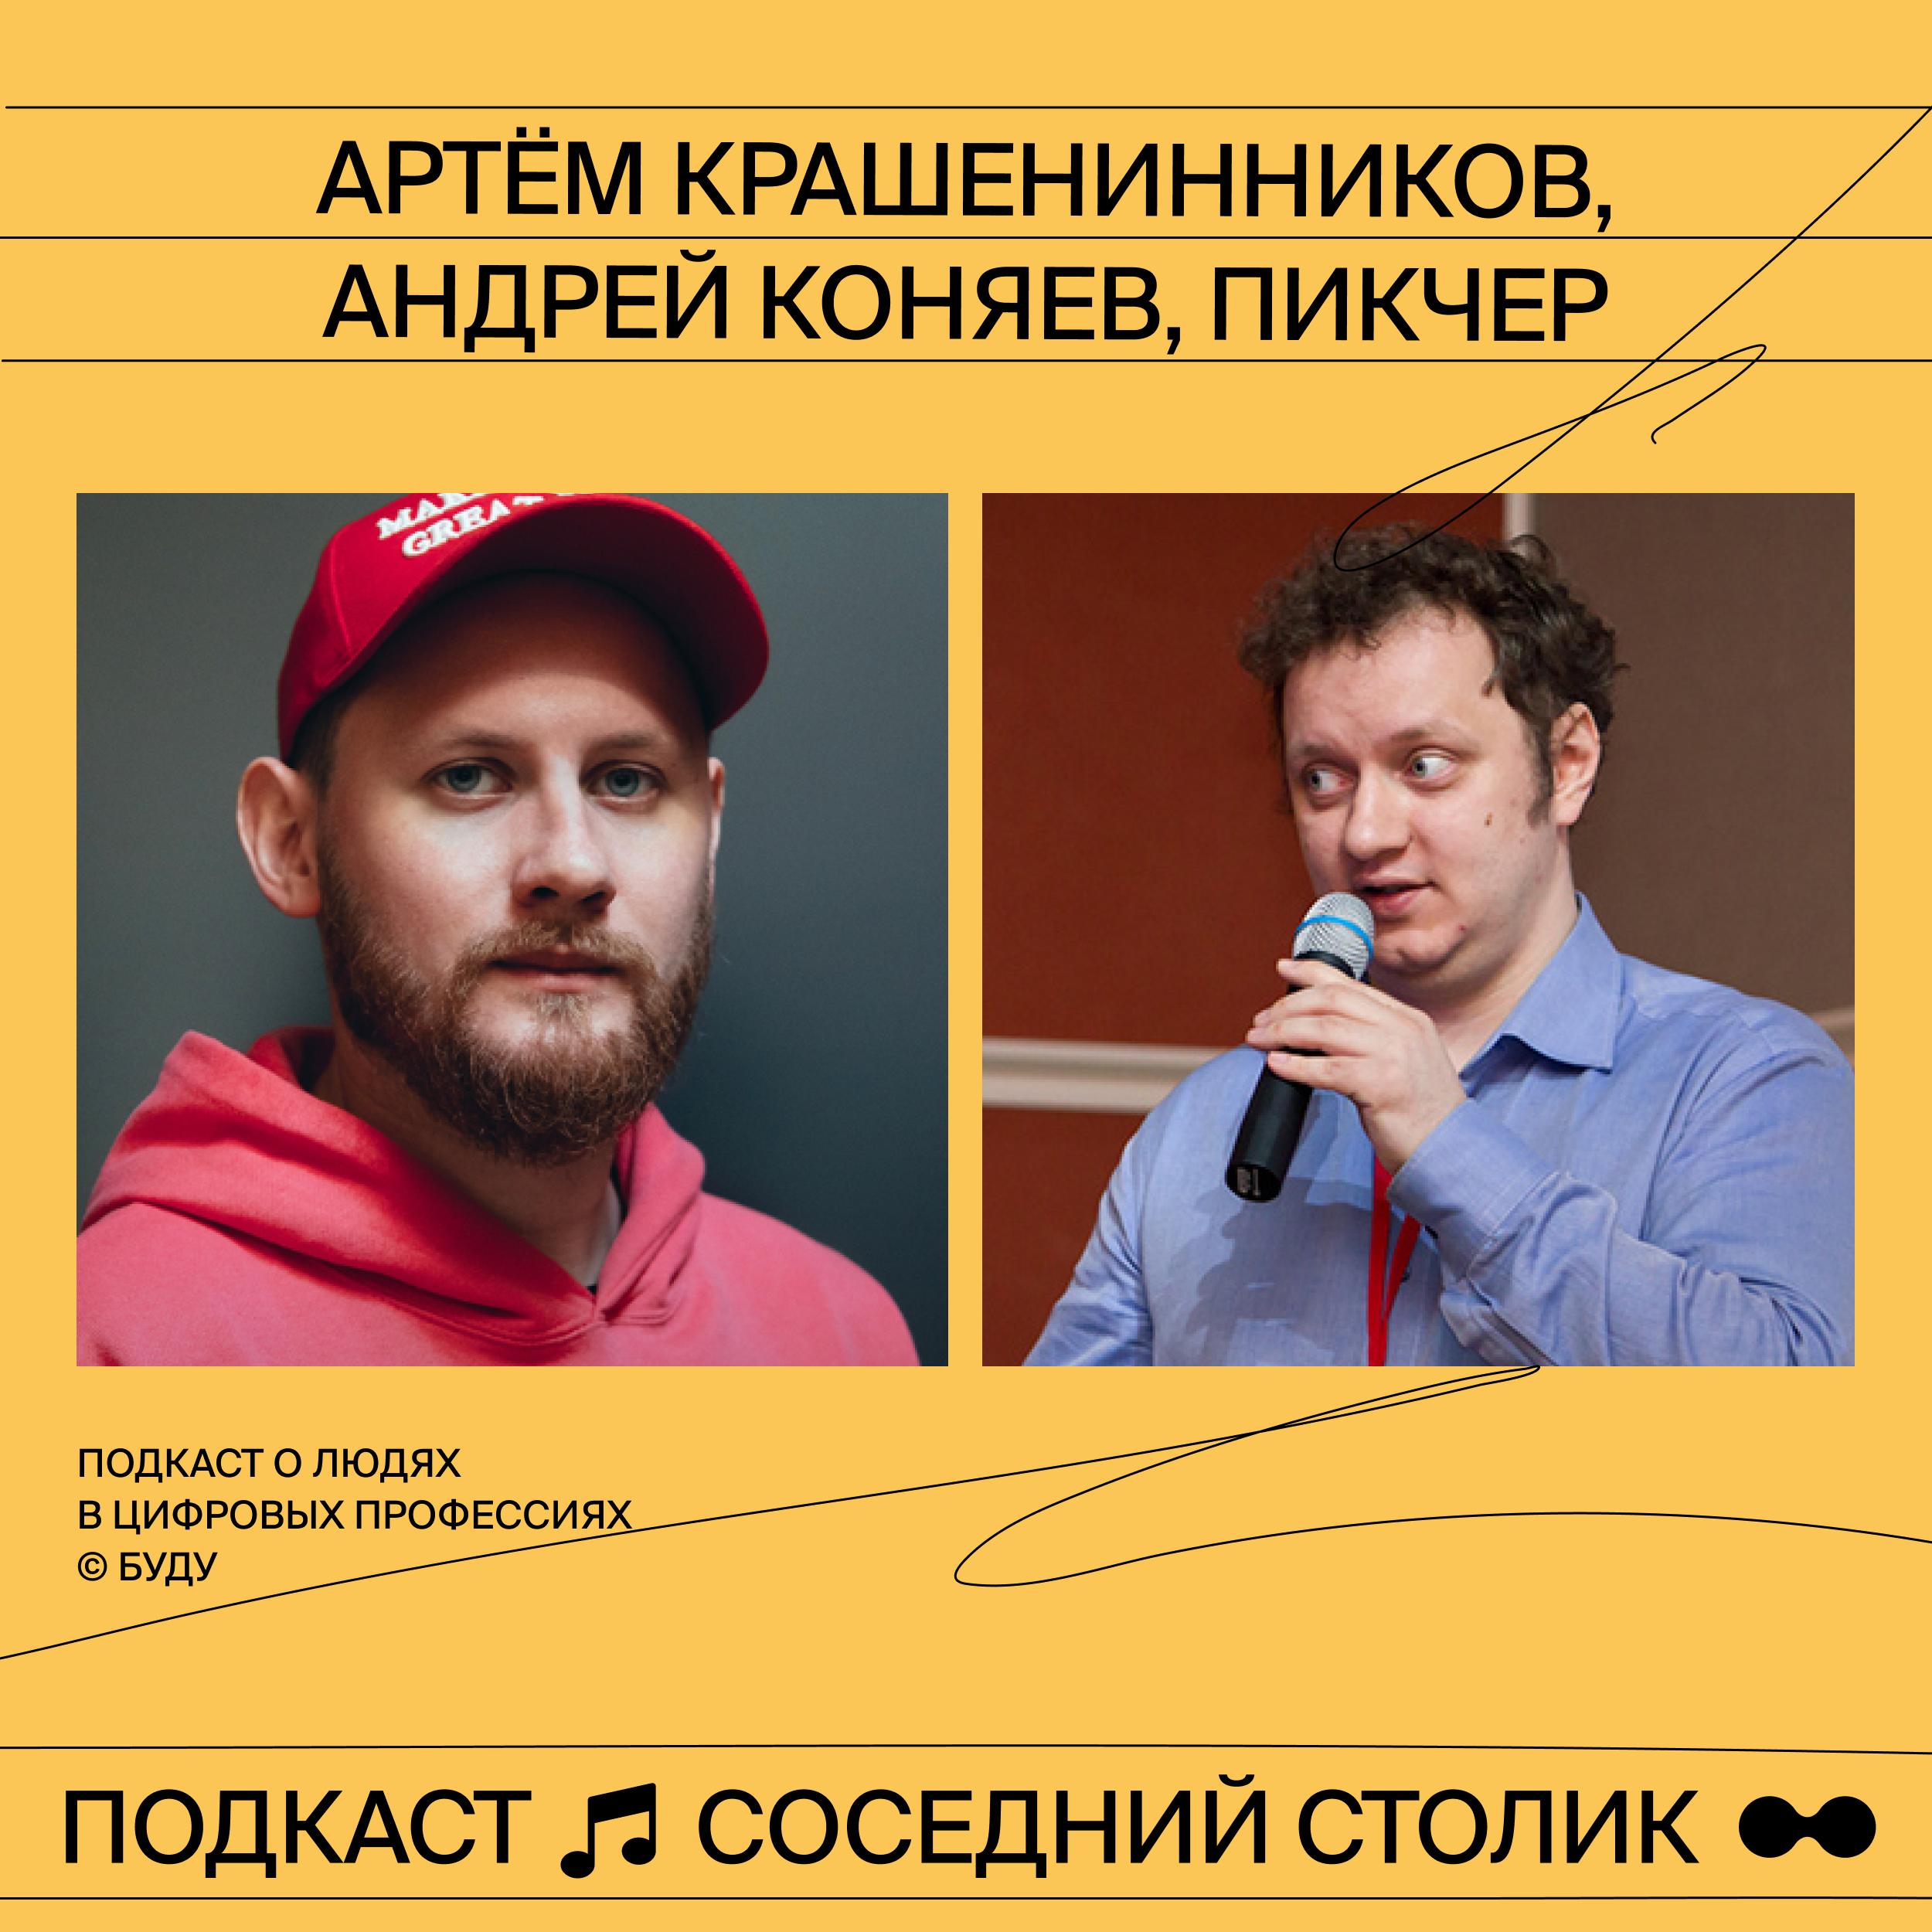 Андрей Коняев и Артем Крашенинников, Пикчер: «нужно создавать себе пространство, чтобы думать»